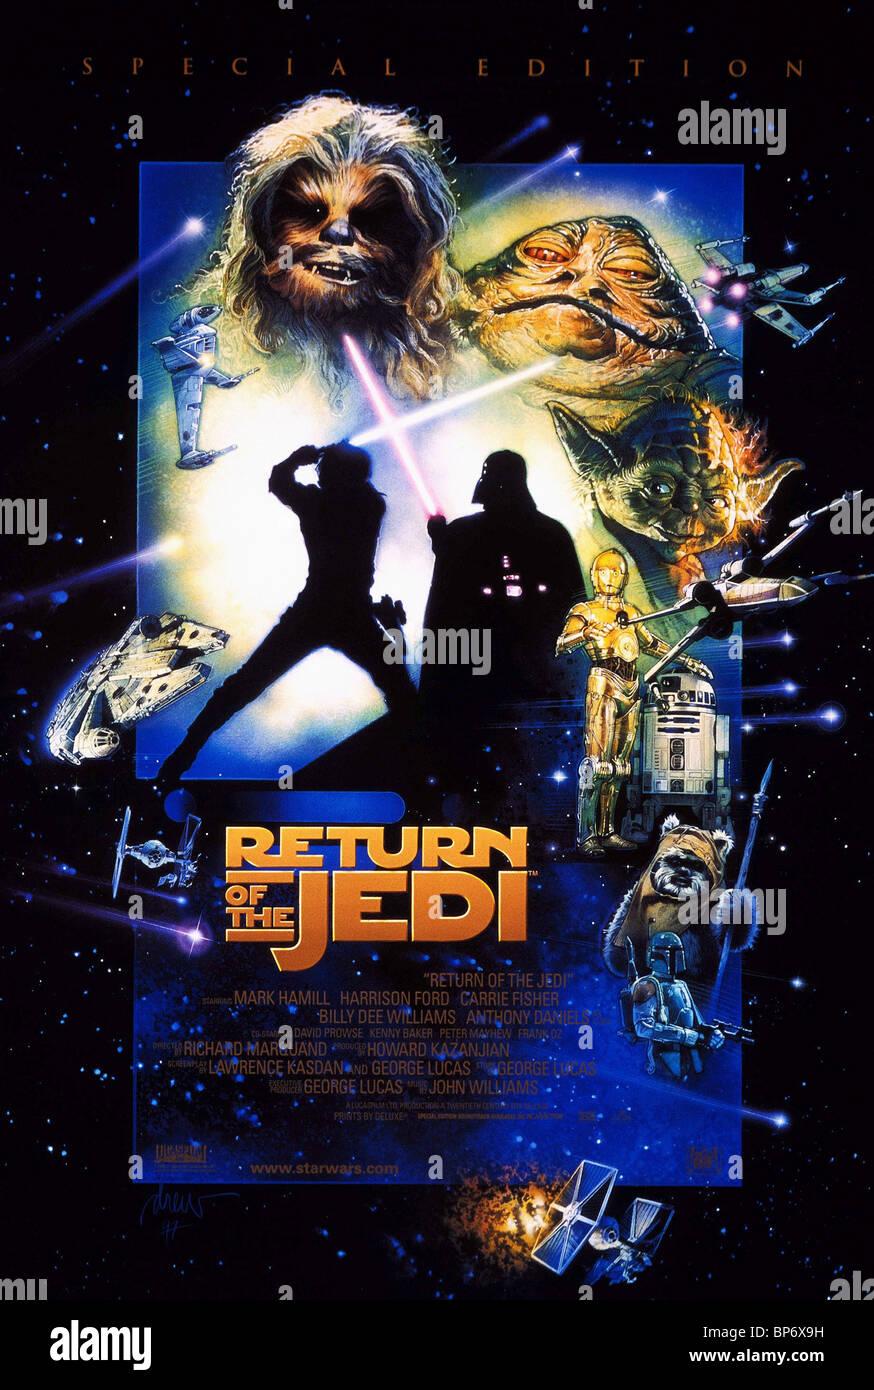 movie poster star wars return of the jedi star wars. Black Bedroom Furniture Sets. Home Design Ideas